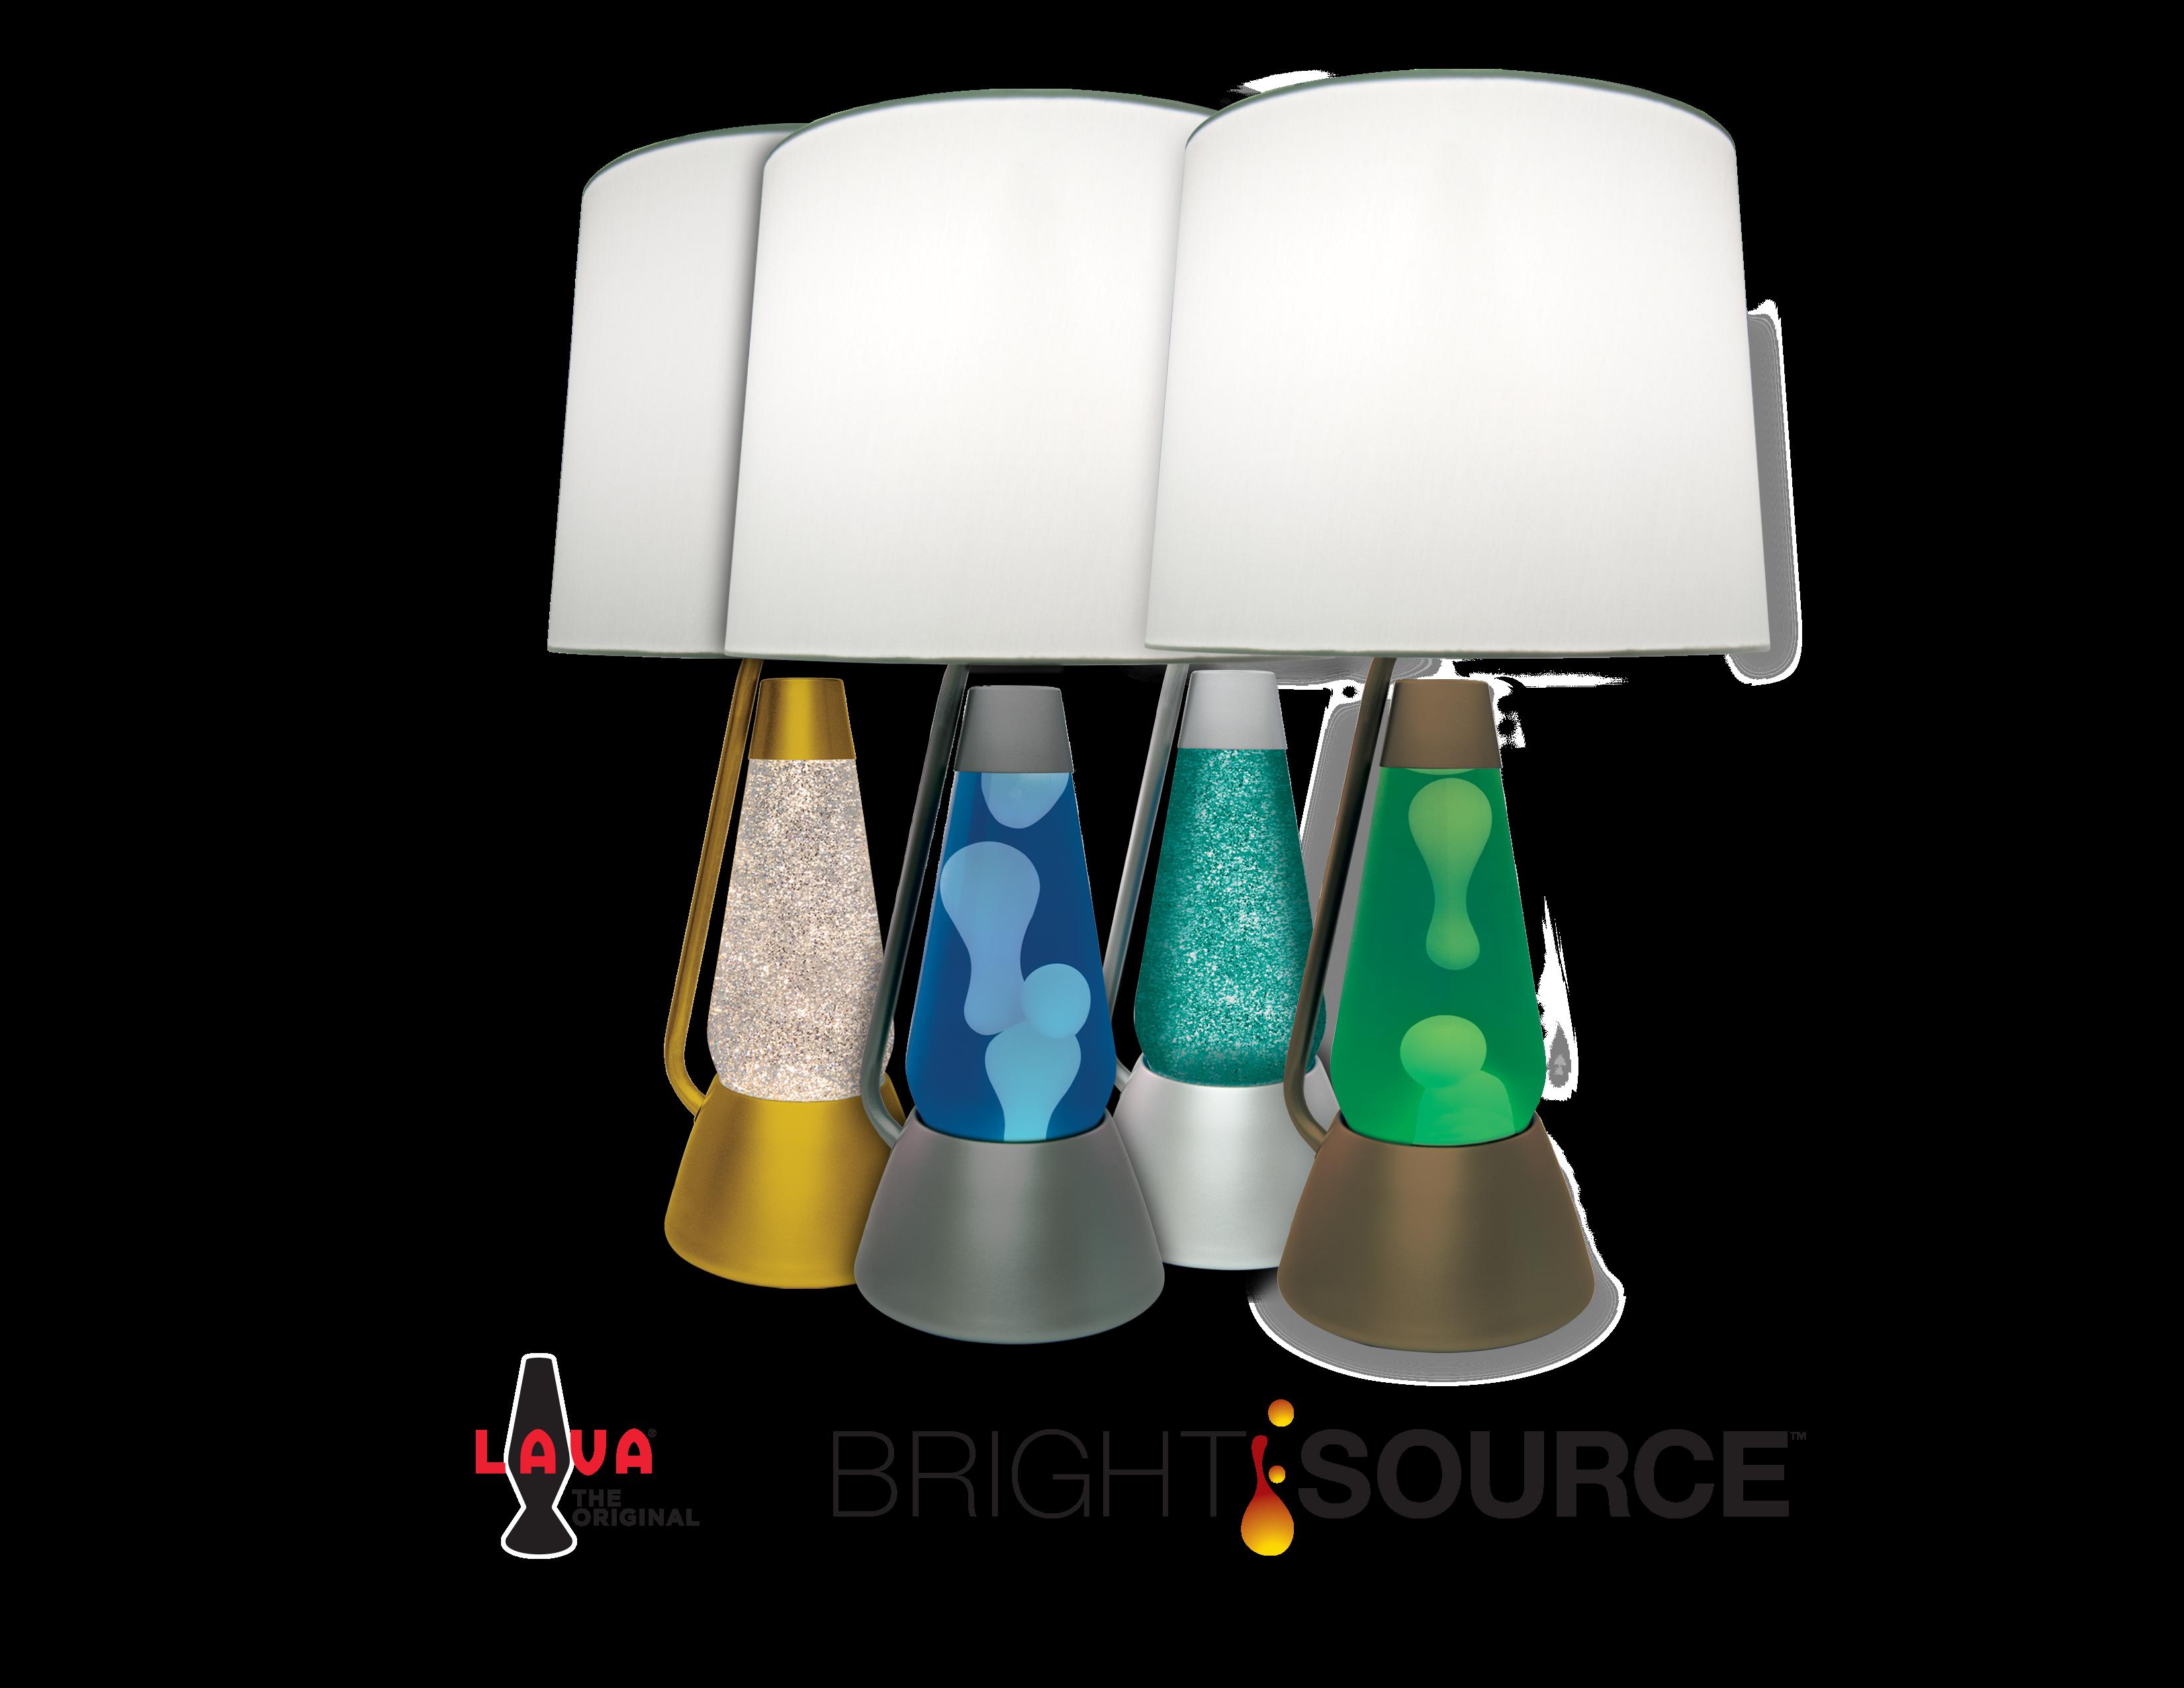 Pin De Lava Lamp Em Bright Source Lamps Ideias Coisas